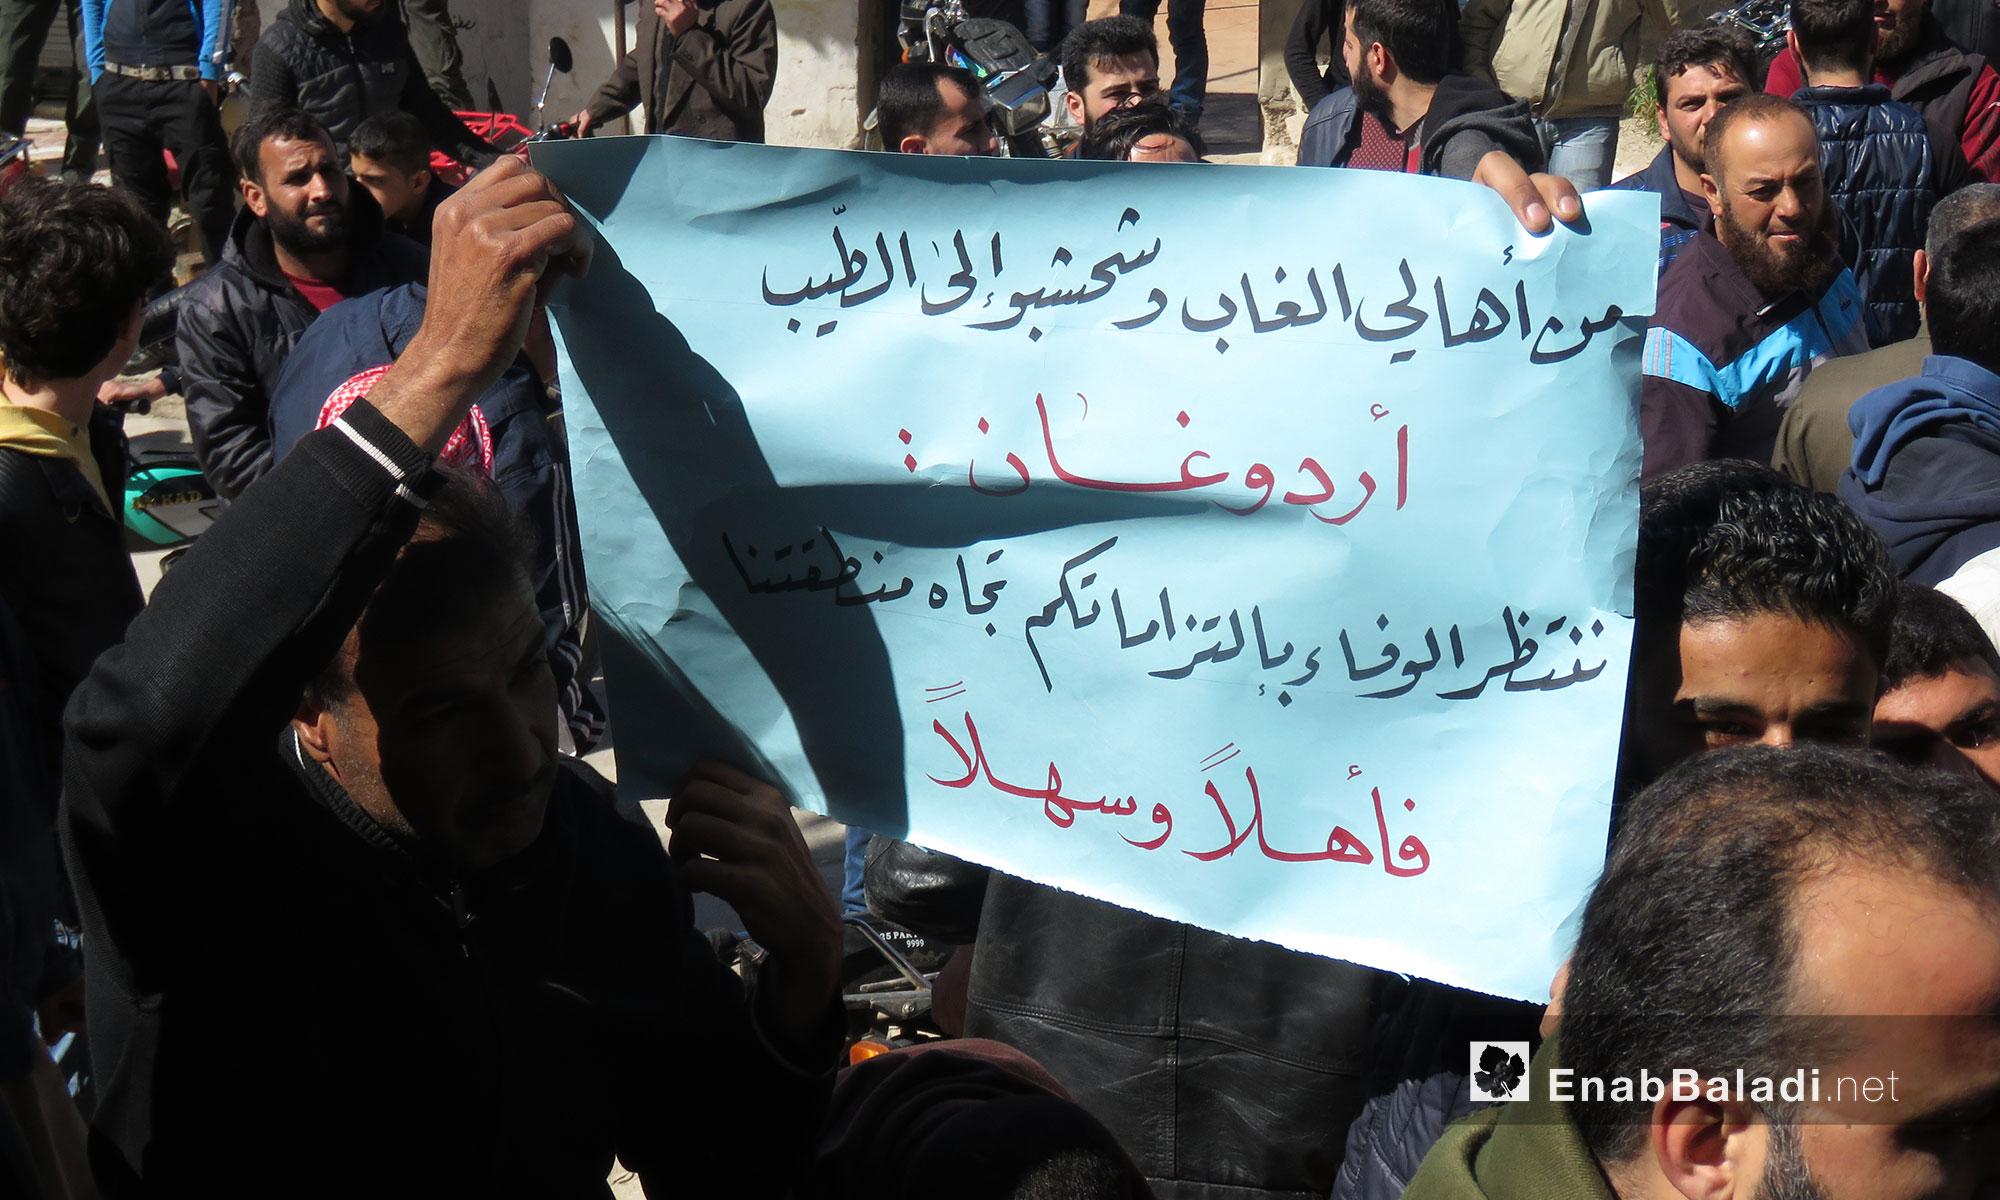 مظاهرة في سهل الغاب رفضًا للتهديدات الروسية باحتلال المنطقة بريف حماة - 9 آذار 2018 (عنب بلدي)